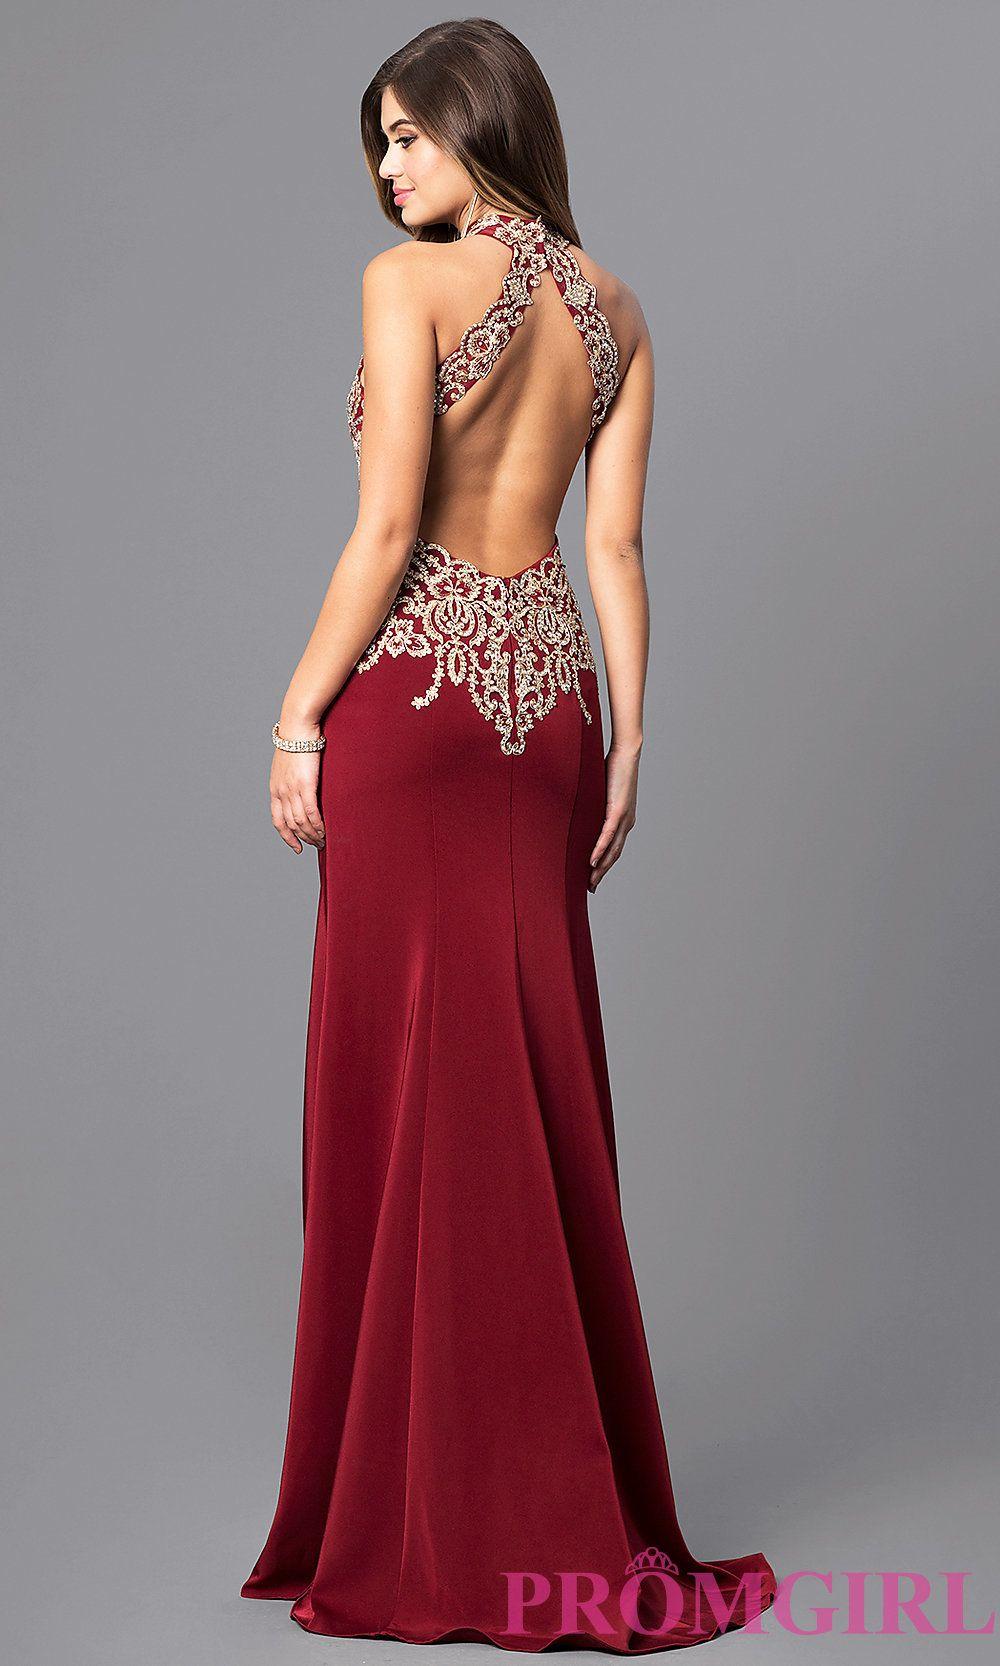 Style Kc 17156 Back Image Gowns Of Elegance Ellegant Dresses Prom Dresses [ 1666 x 1000 Pixel ]